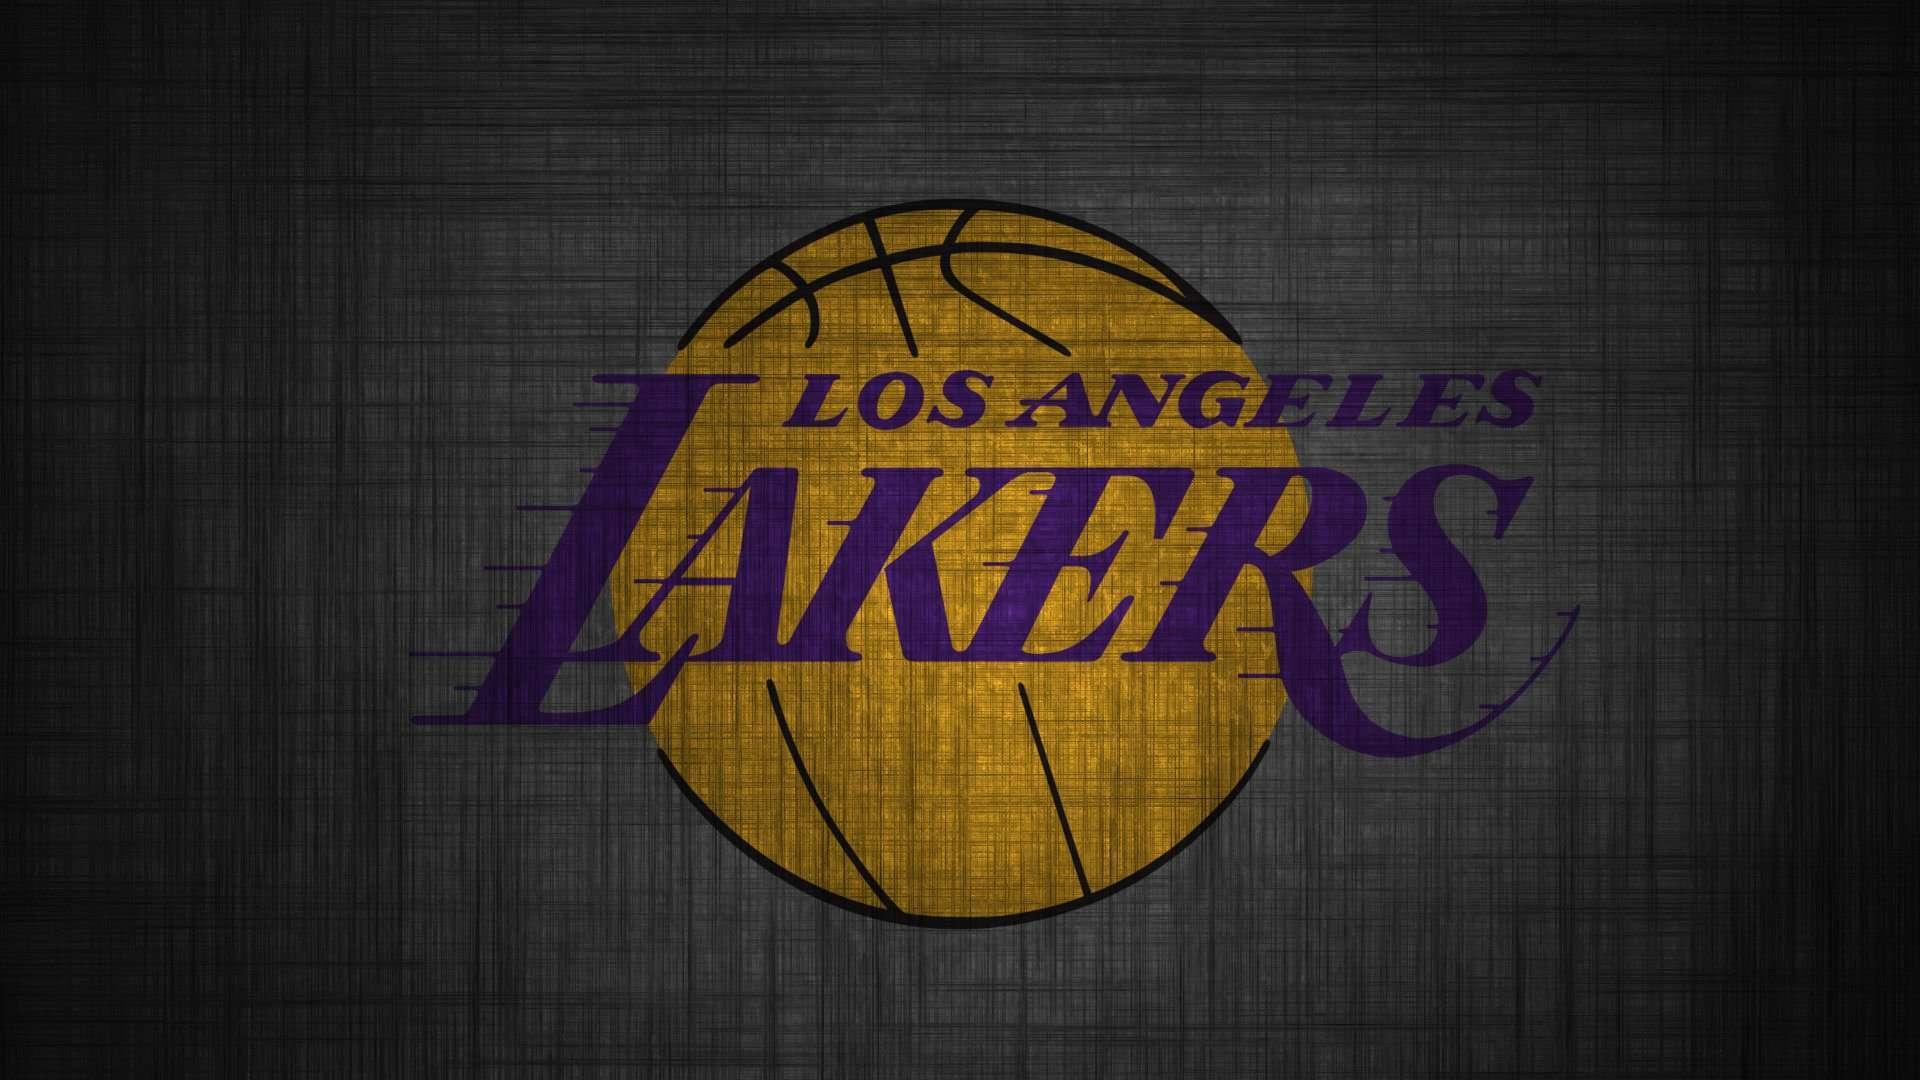 [39+] Lakers Logo Wallpaper On WallpaperSafari